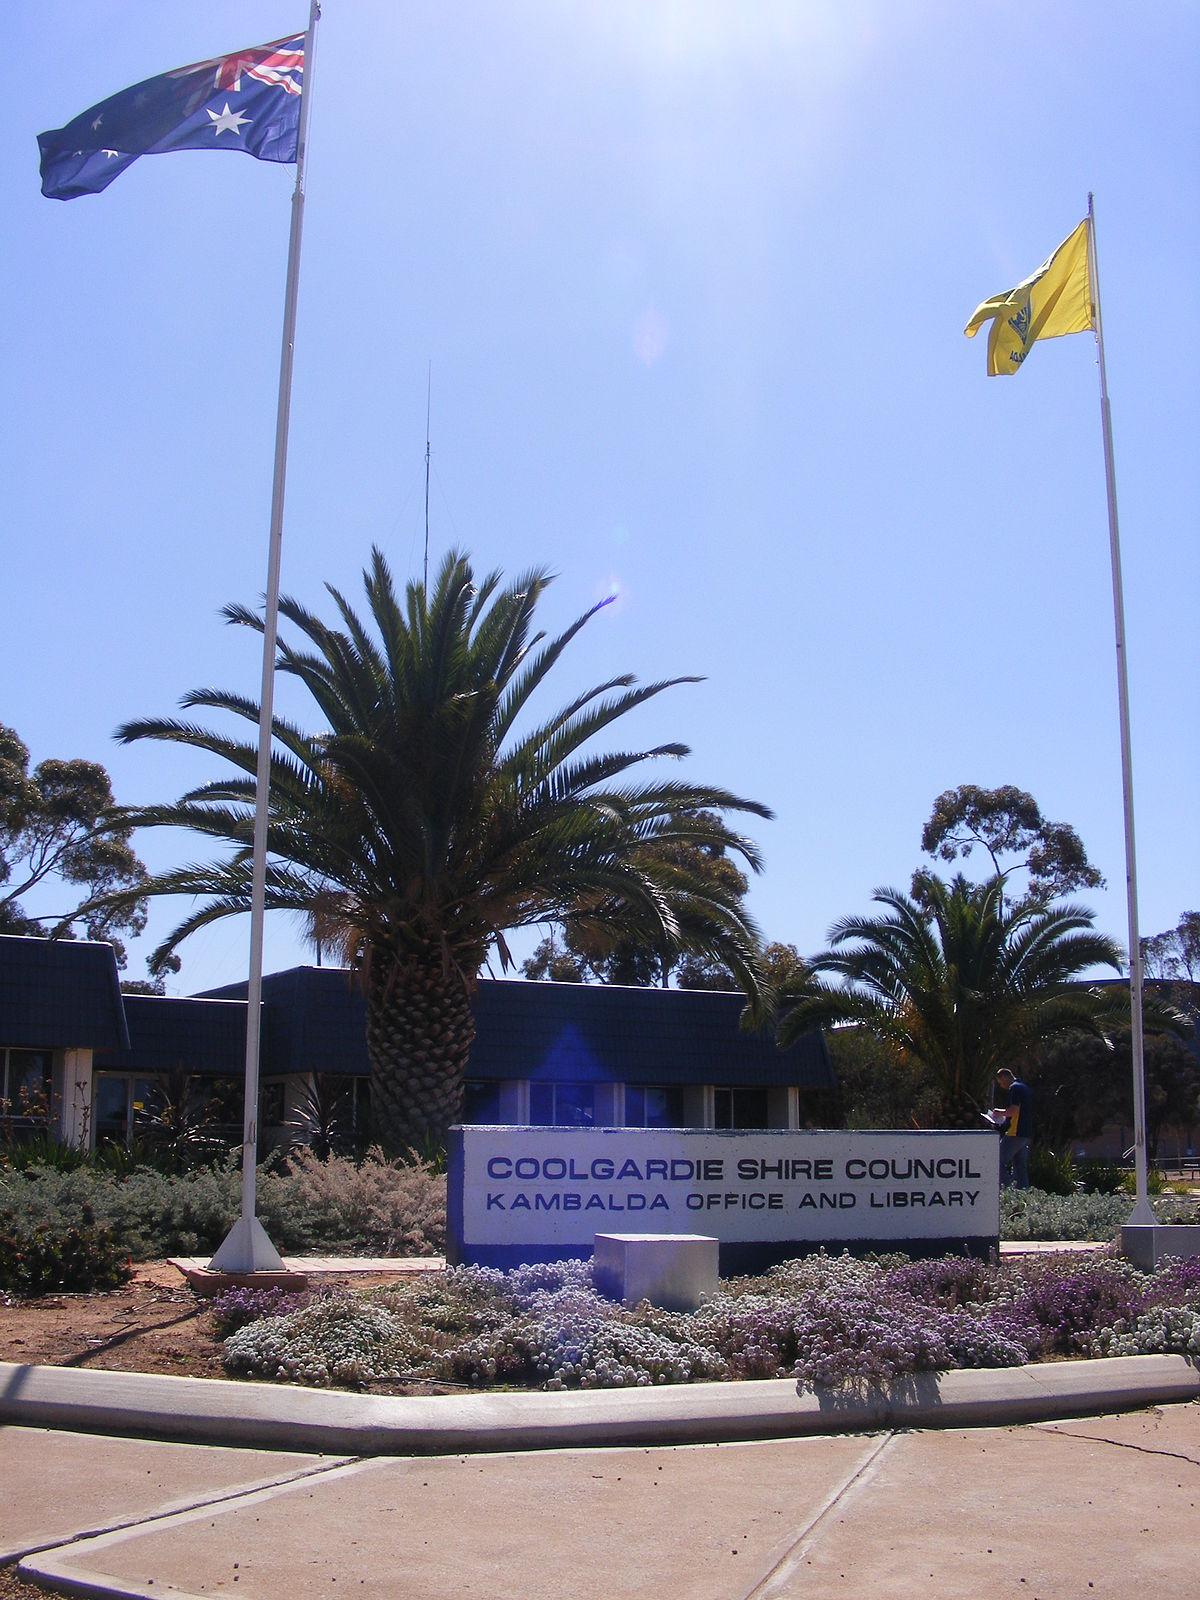 Kambalda, Western Australia - Wikipedia